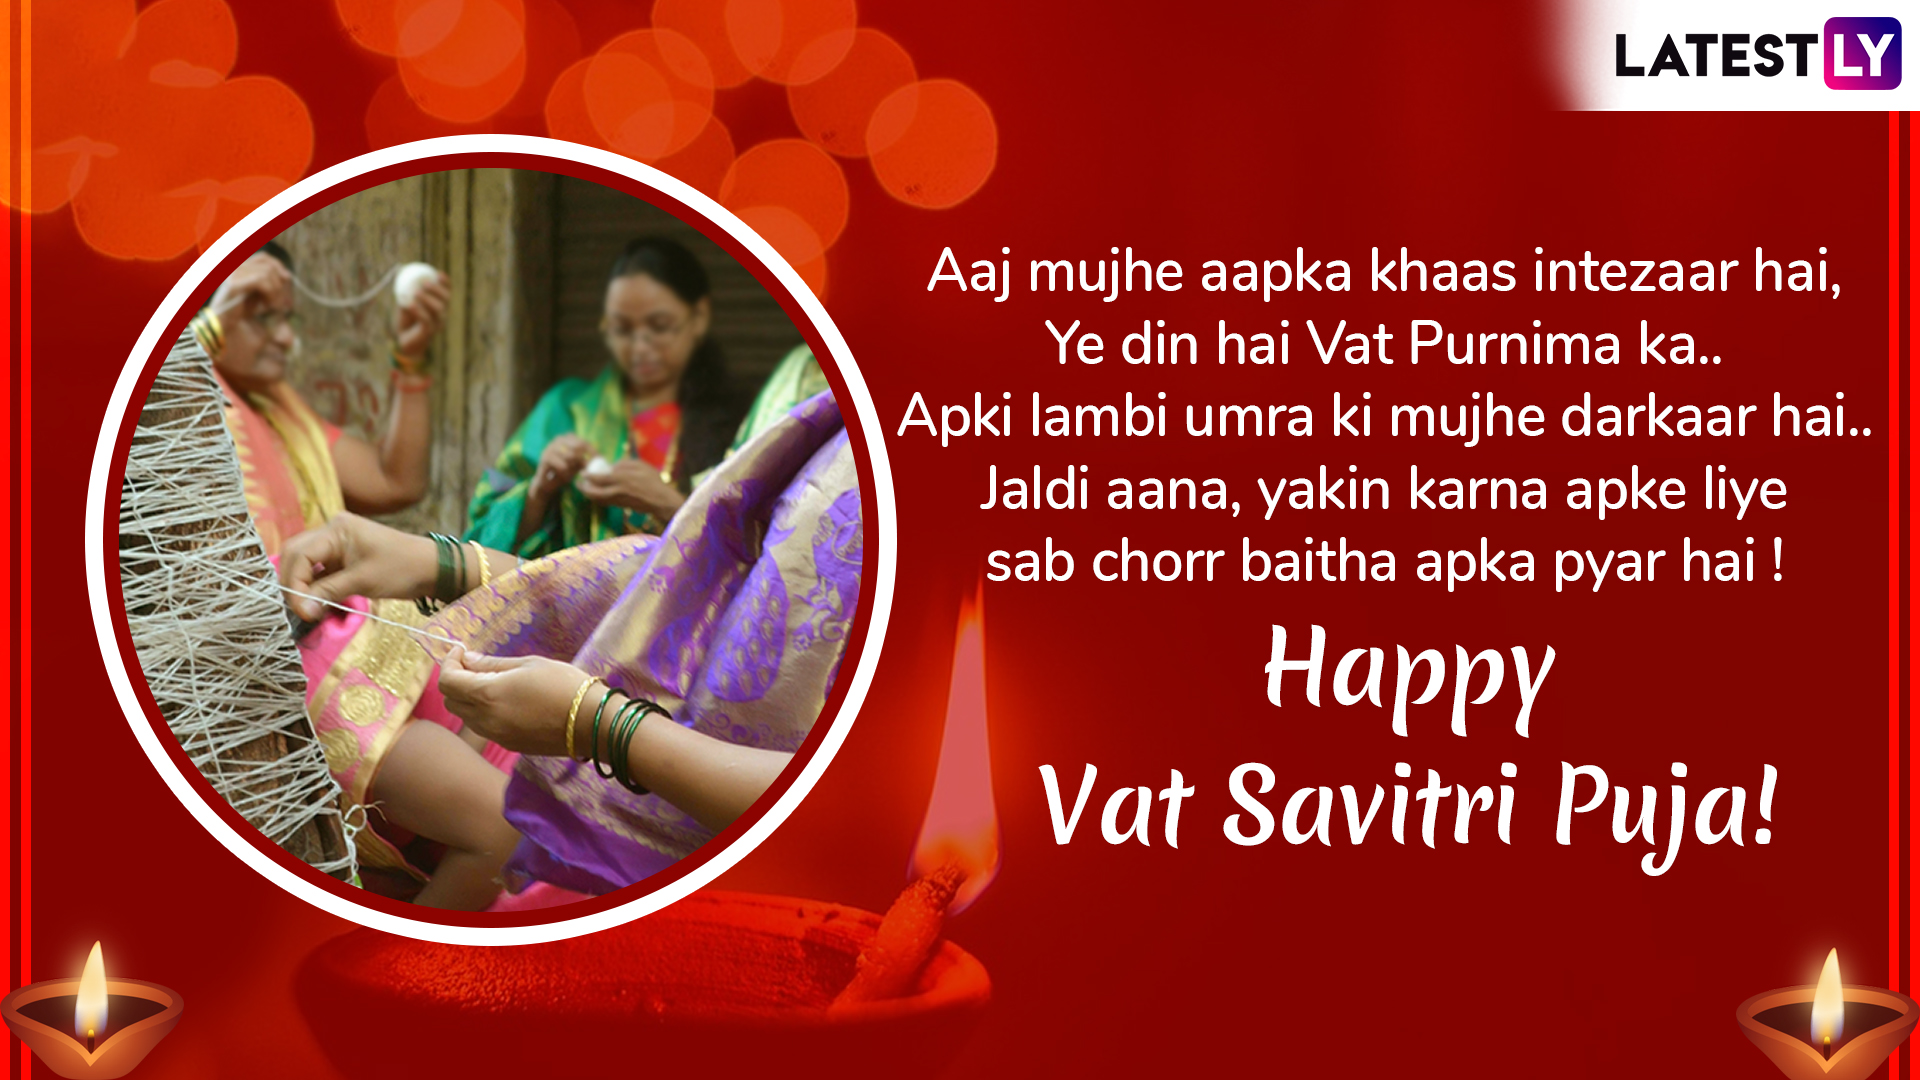 Vat Savitri Puja wishes